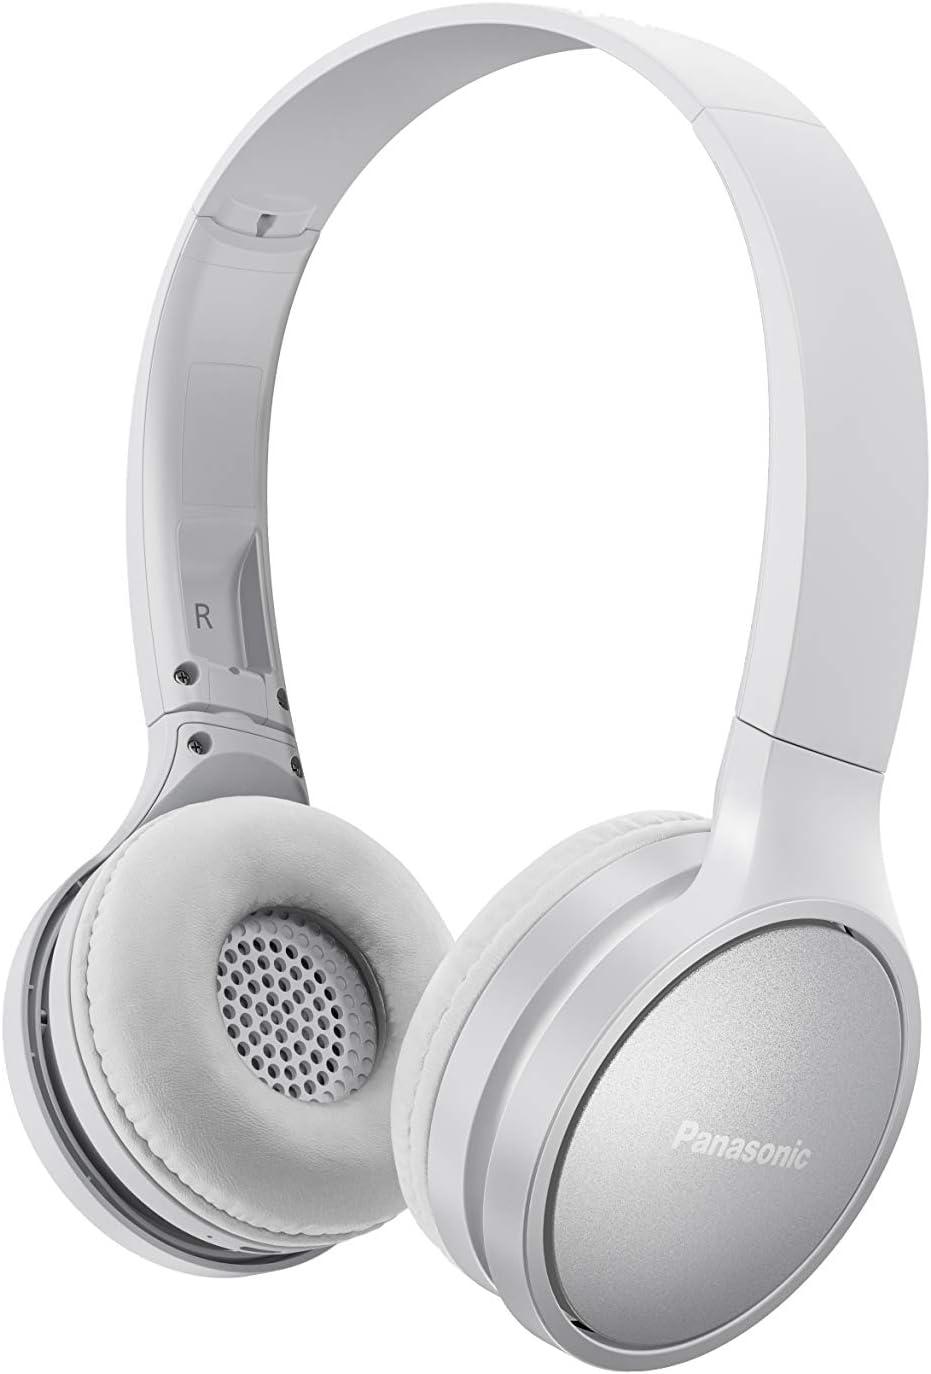 Panasonic RP-HF410BE-W- Auriculares Inalámbricos Minimalistas (Bluetooth, Unidad Control 30 mm, Imán de Neodimio, Plegable, 20h Duración, Control Voz, Carga Rápida) Color Blanco